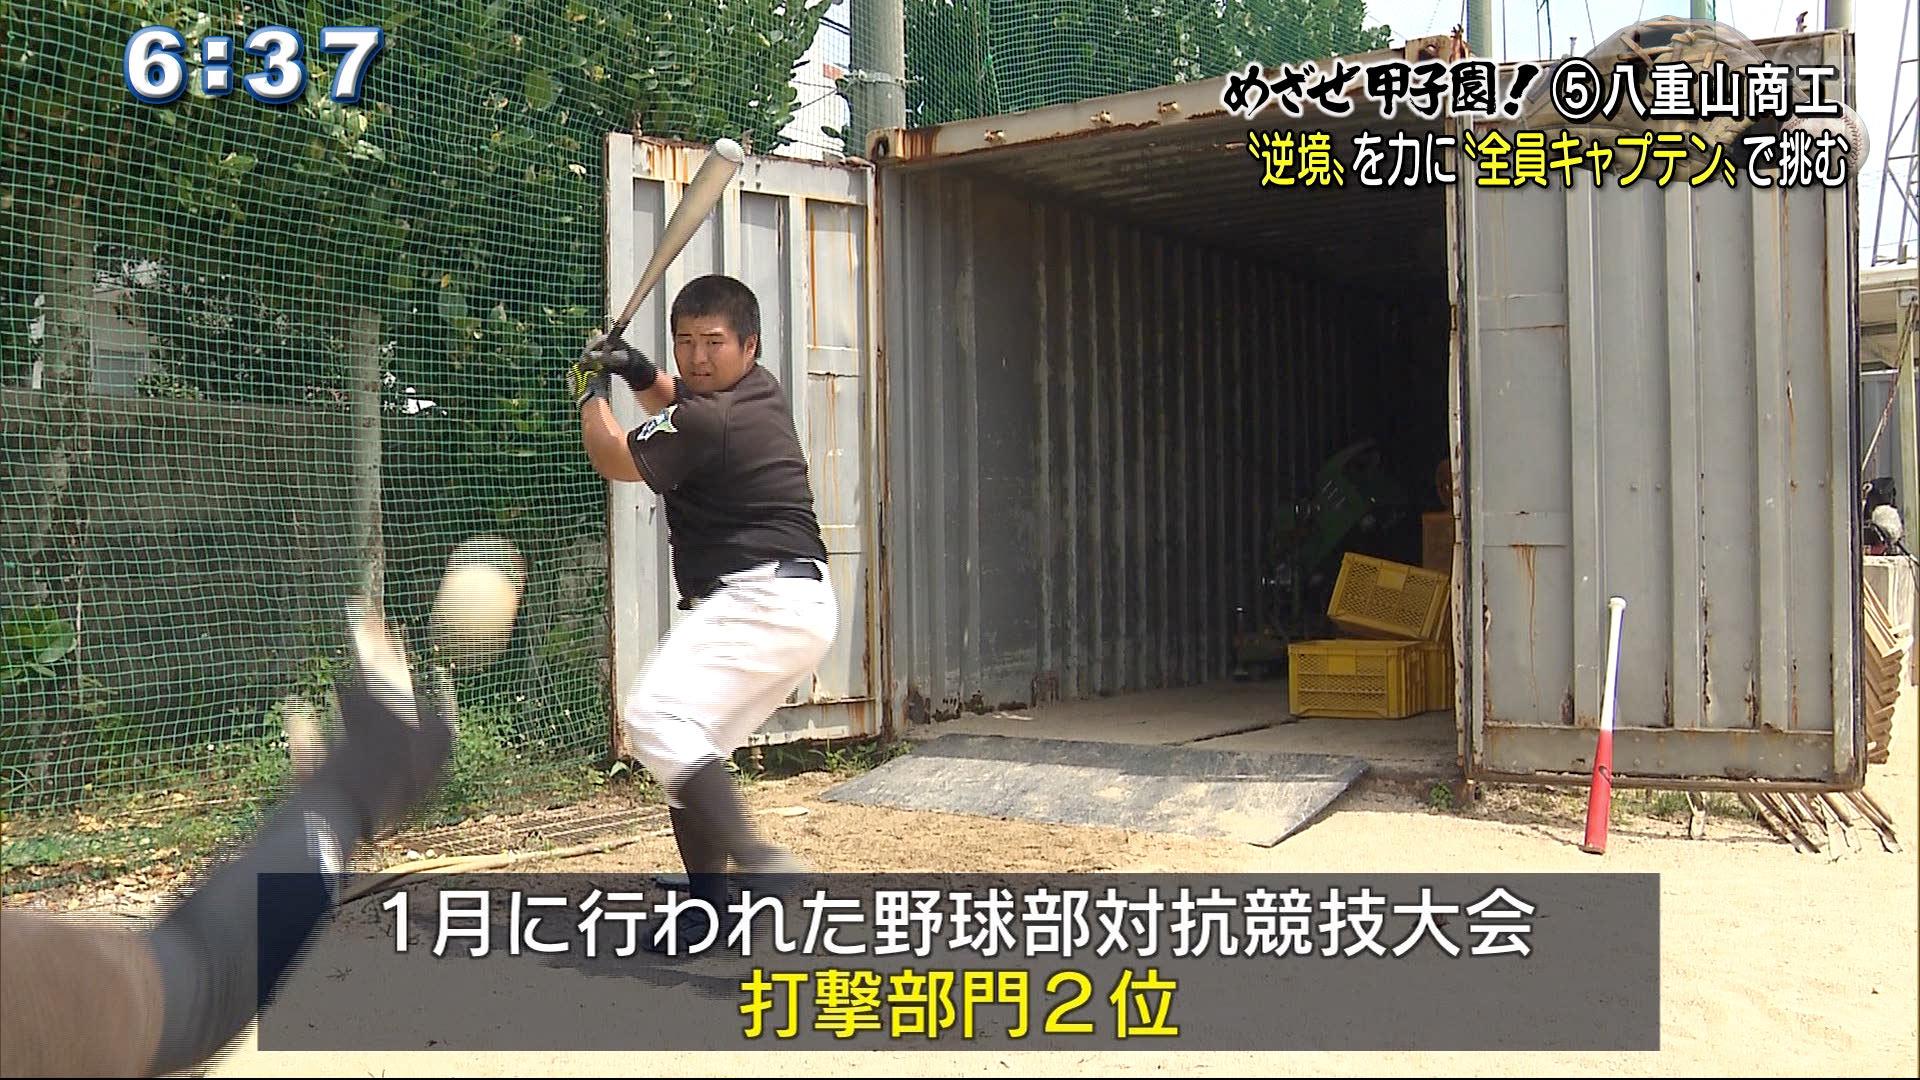 めざせ甲子園5 八重山商工